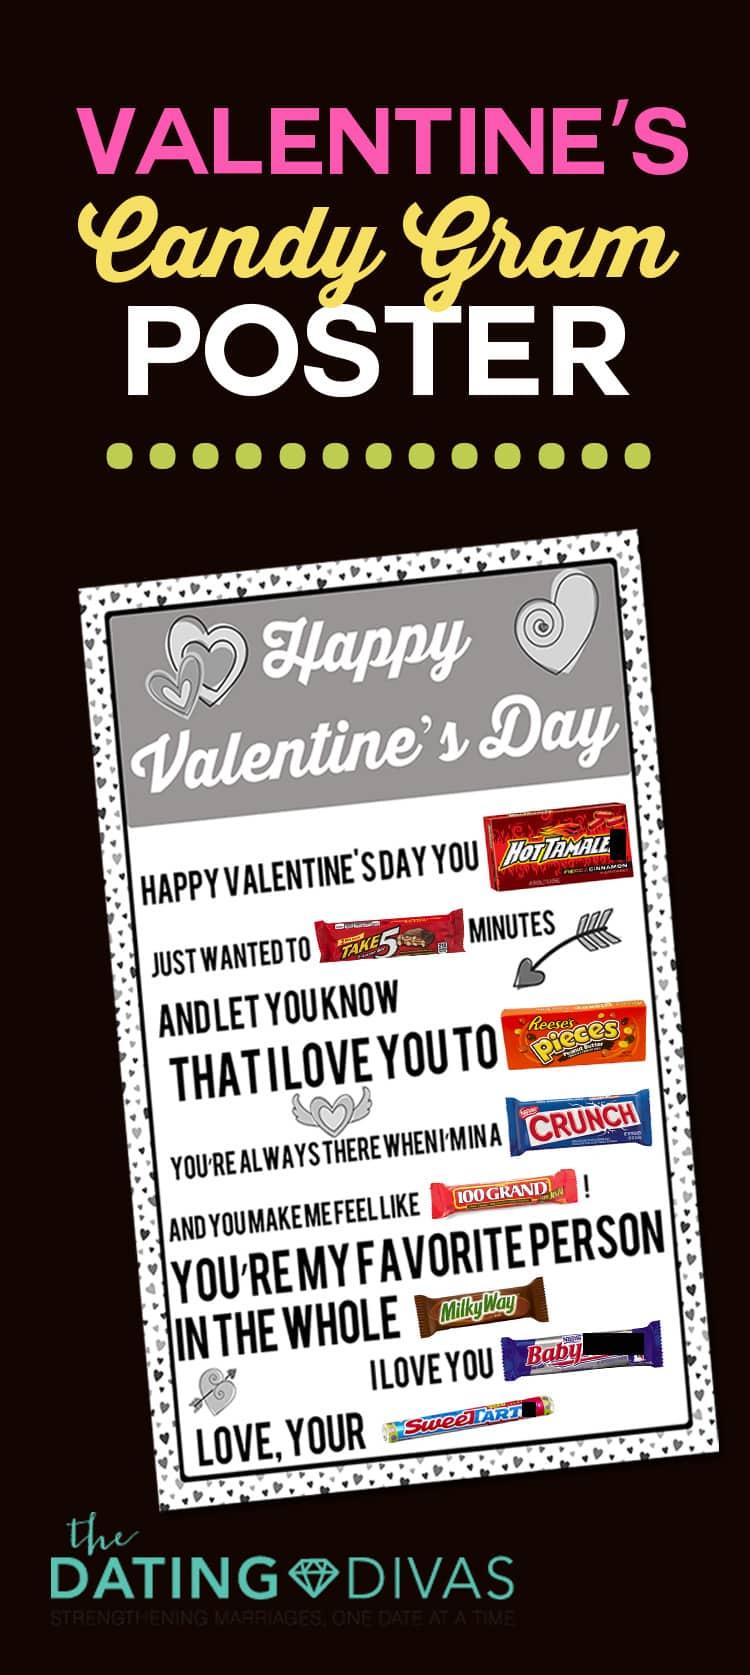 Valentine's Candy Gram